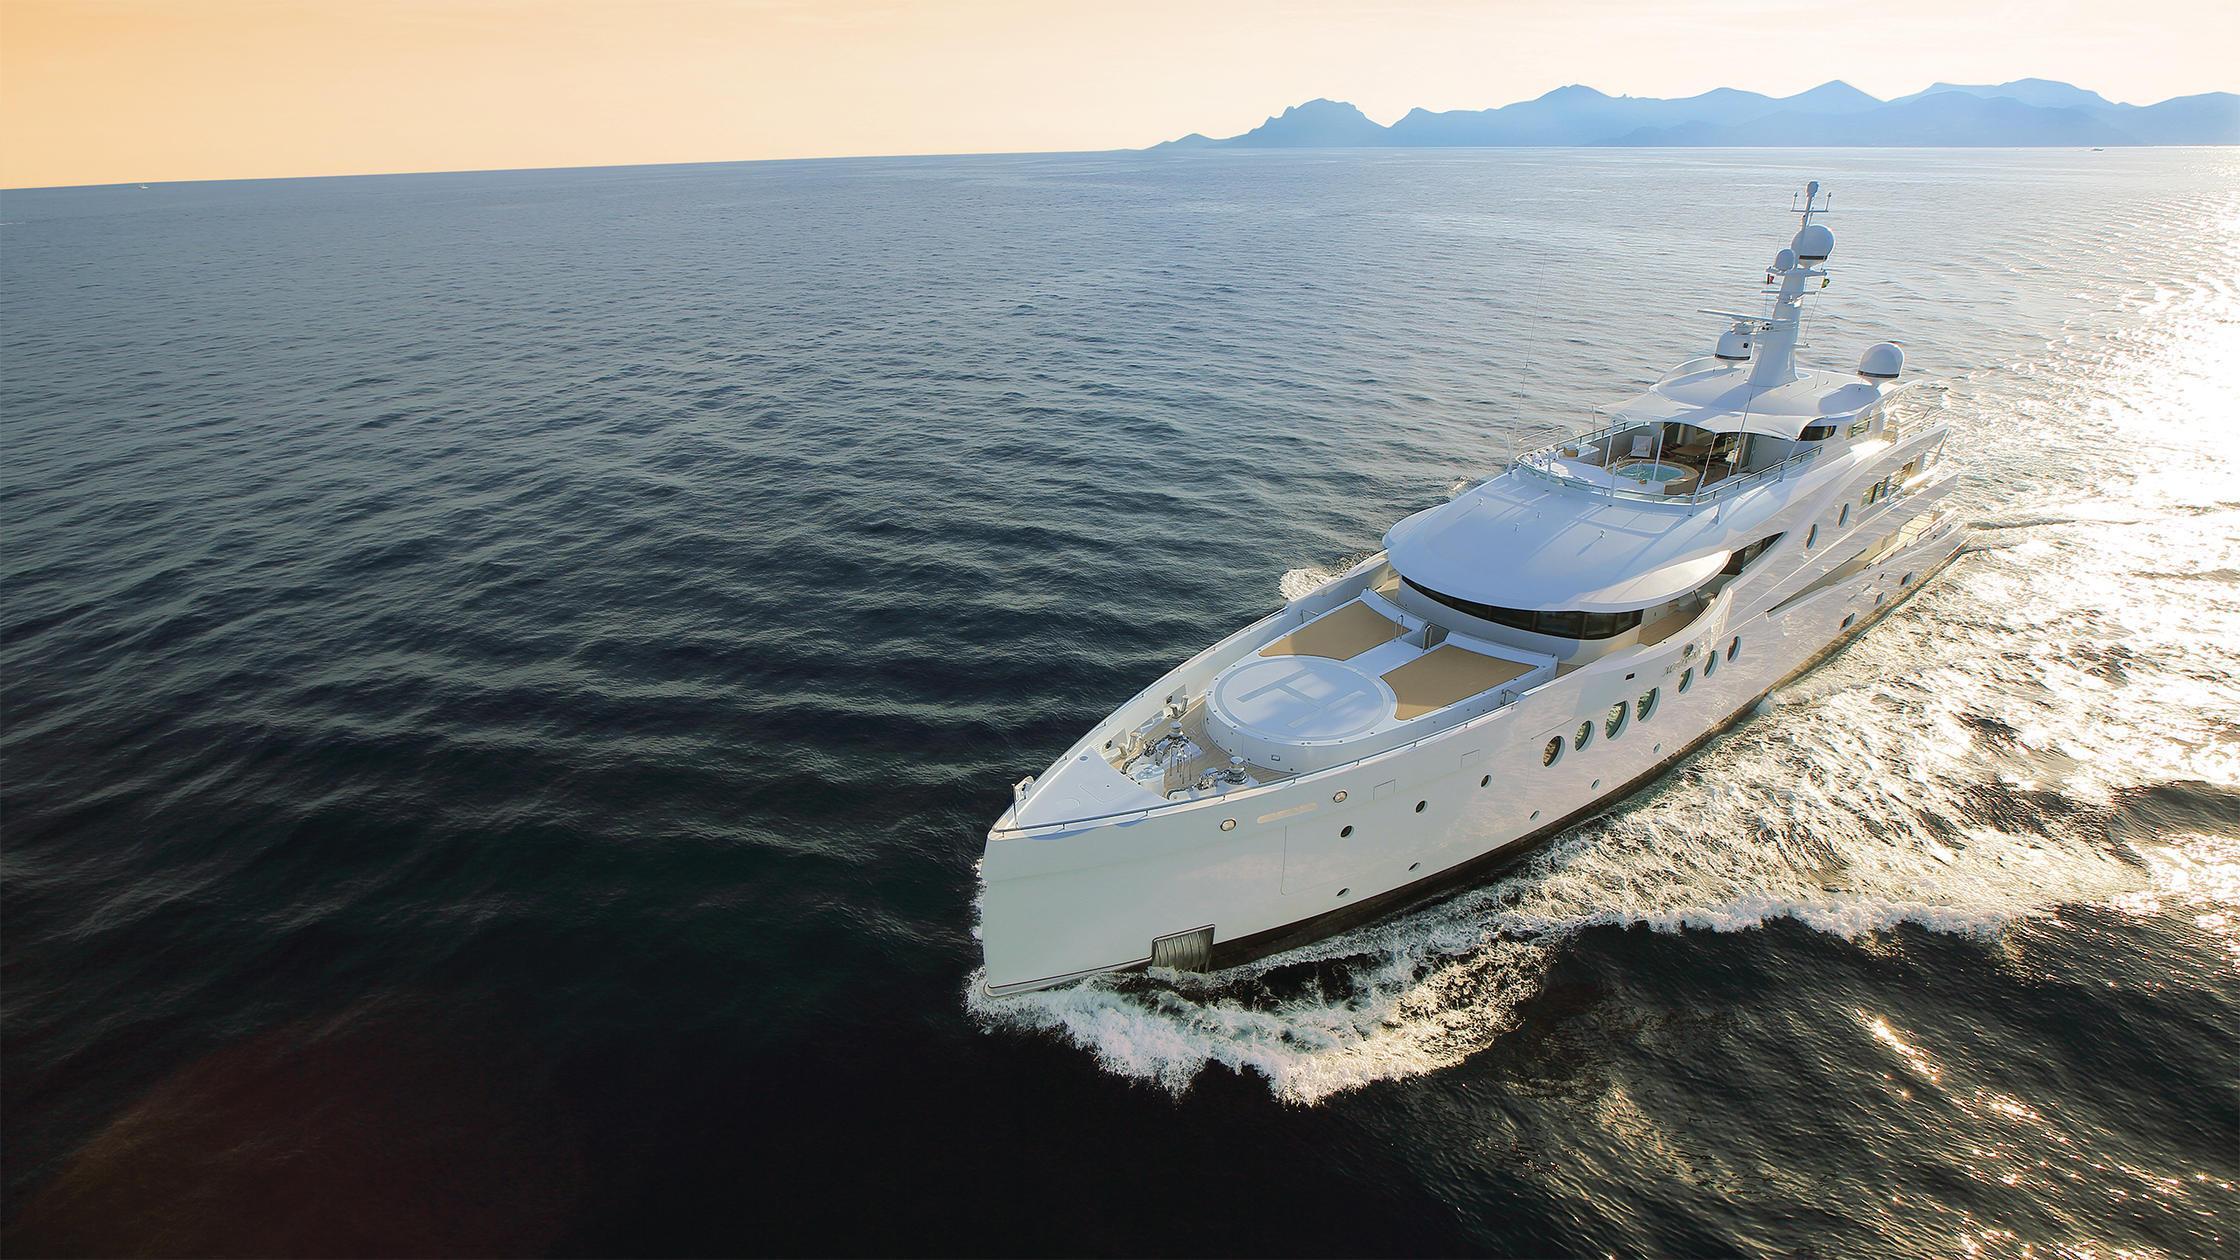 madame-kate-motor-yacht-amels-1999-62m-2015-aerial-cruising